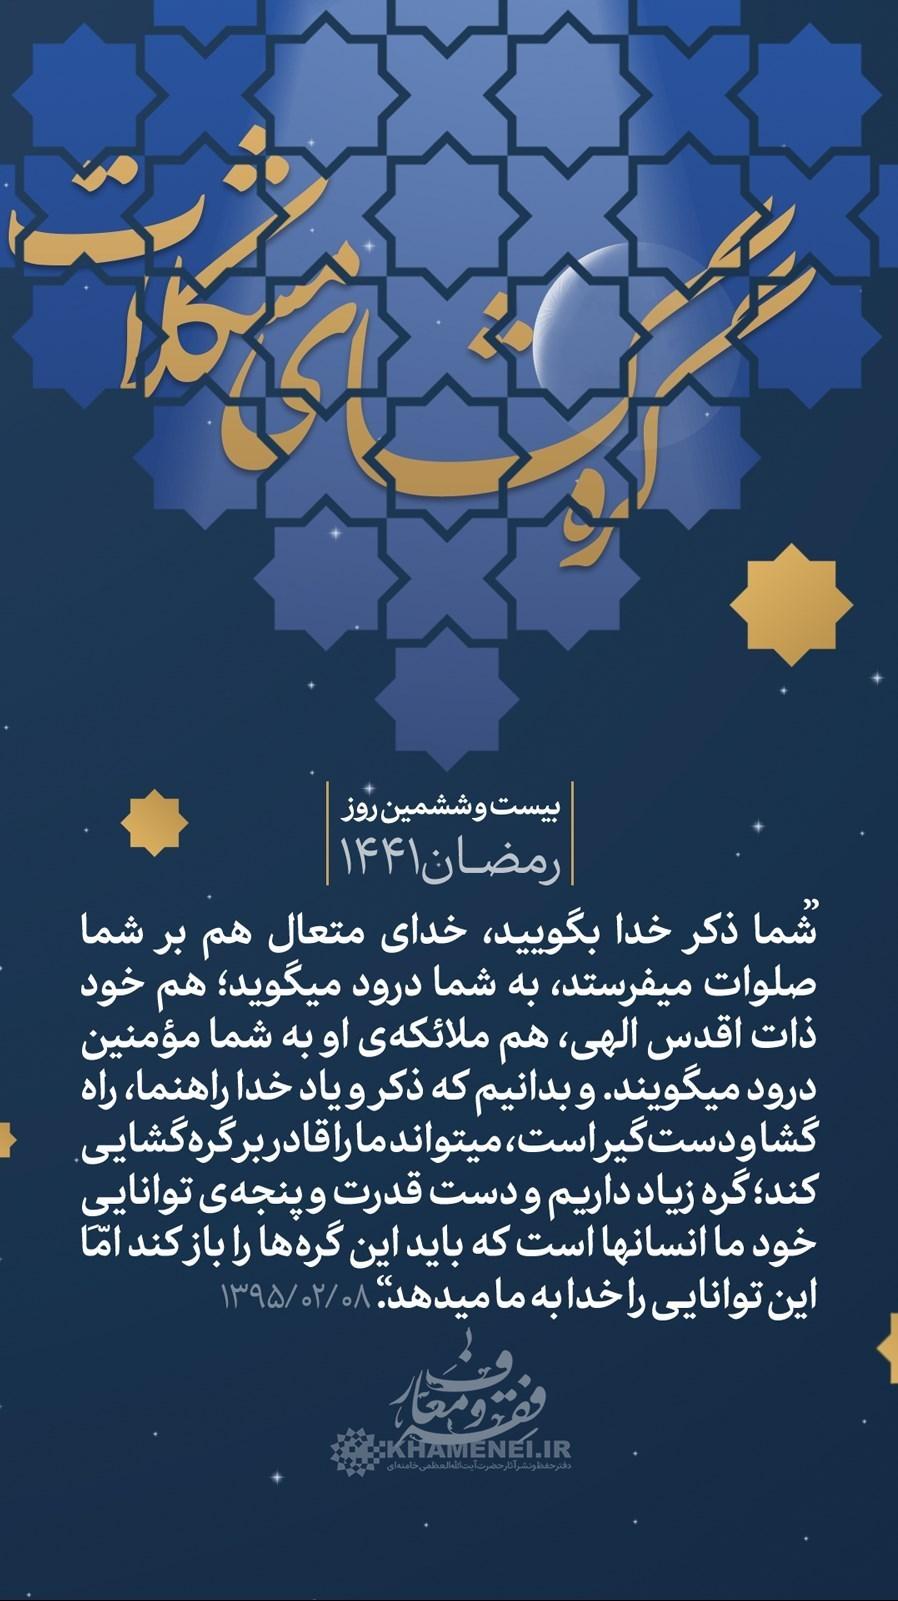 پوستر , هنرهای تجسمی , عکس , ماه مبارک رمضان , امام خامنهای ,